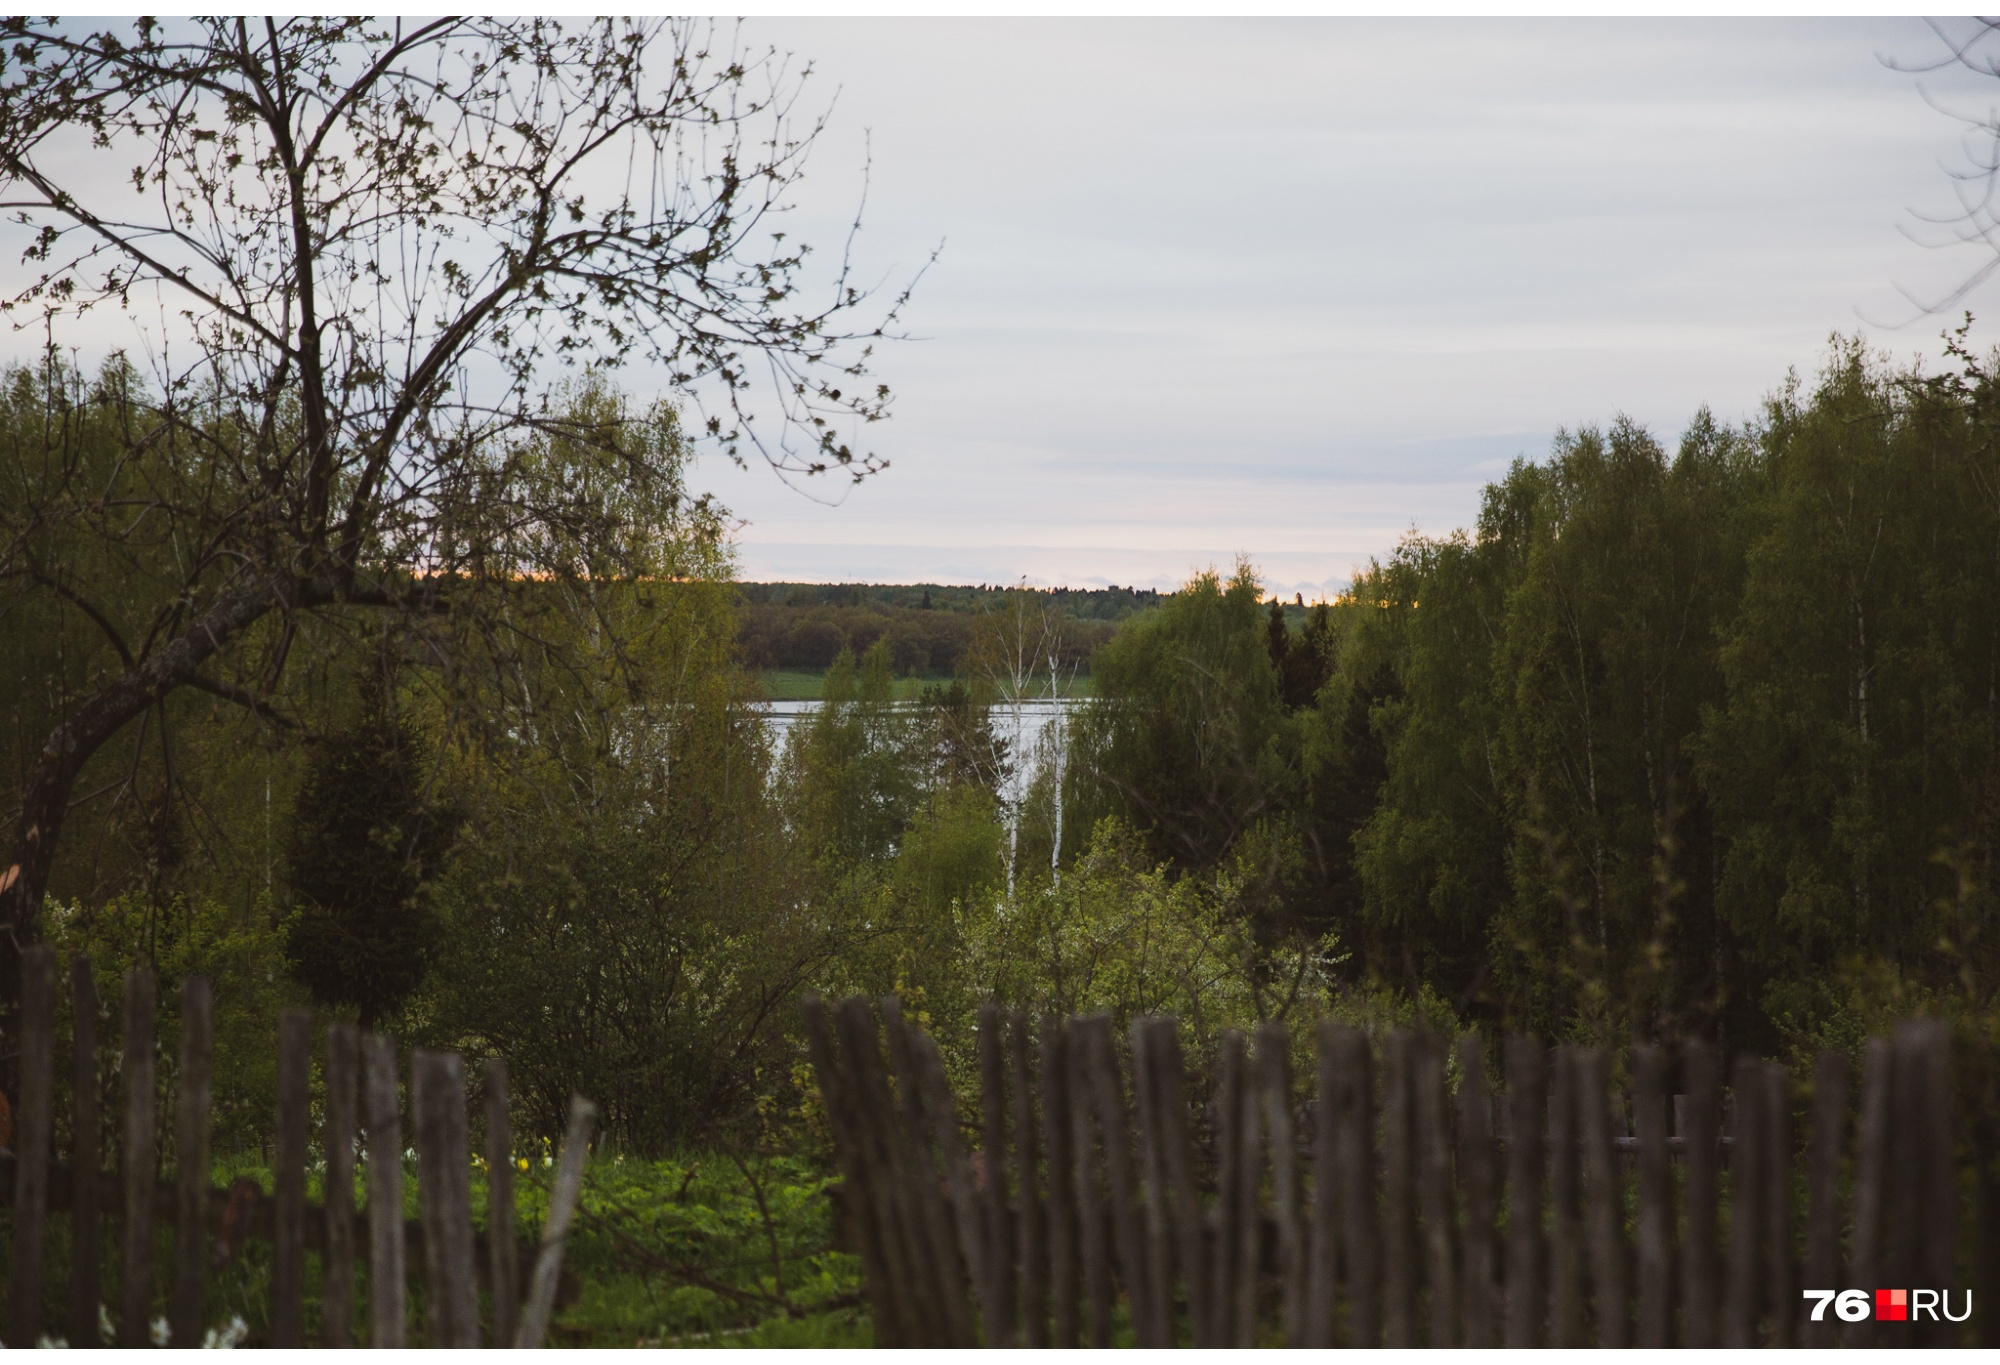 А внизу лениво течет Волга